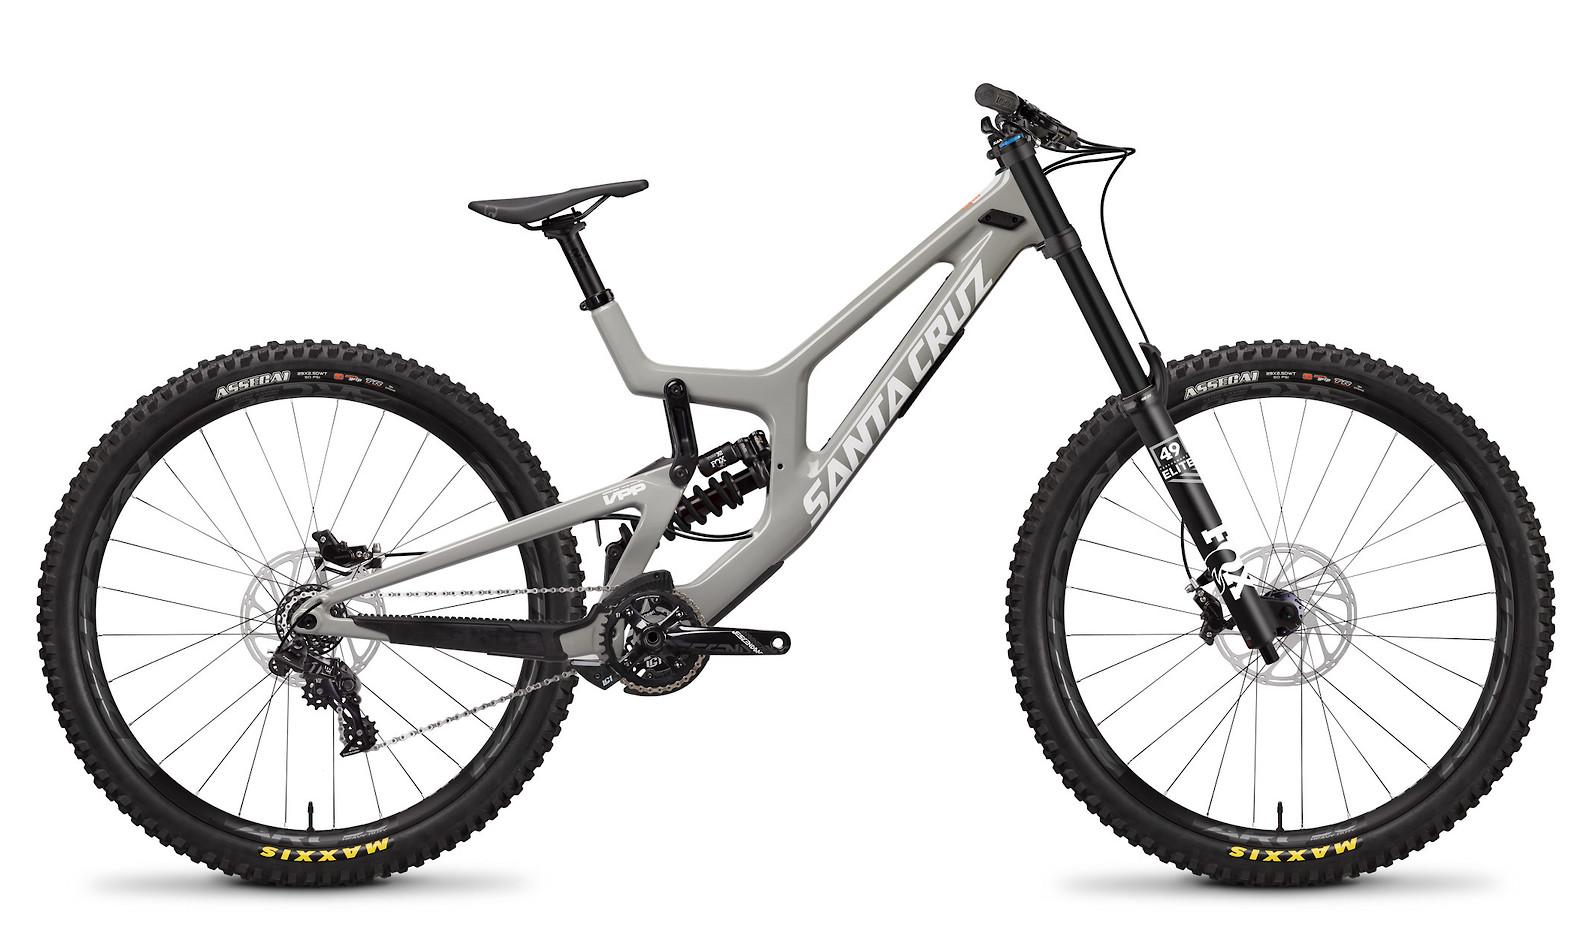 2019 Santa Cruz V10 Carbon CC S 29 Bike